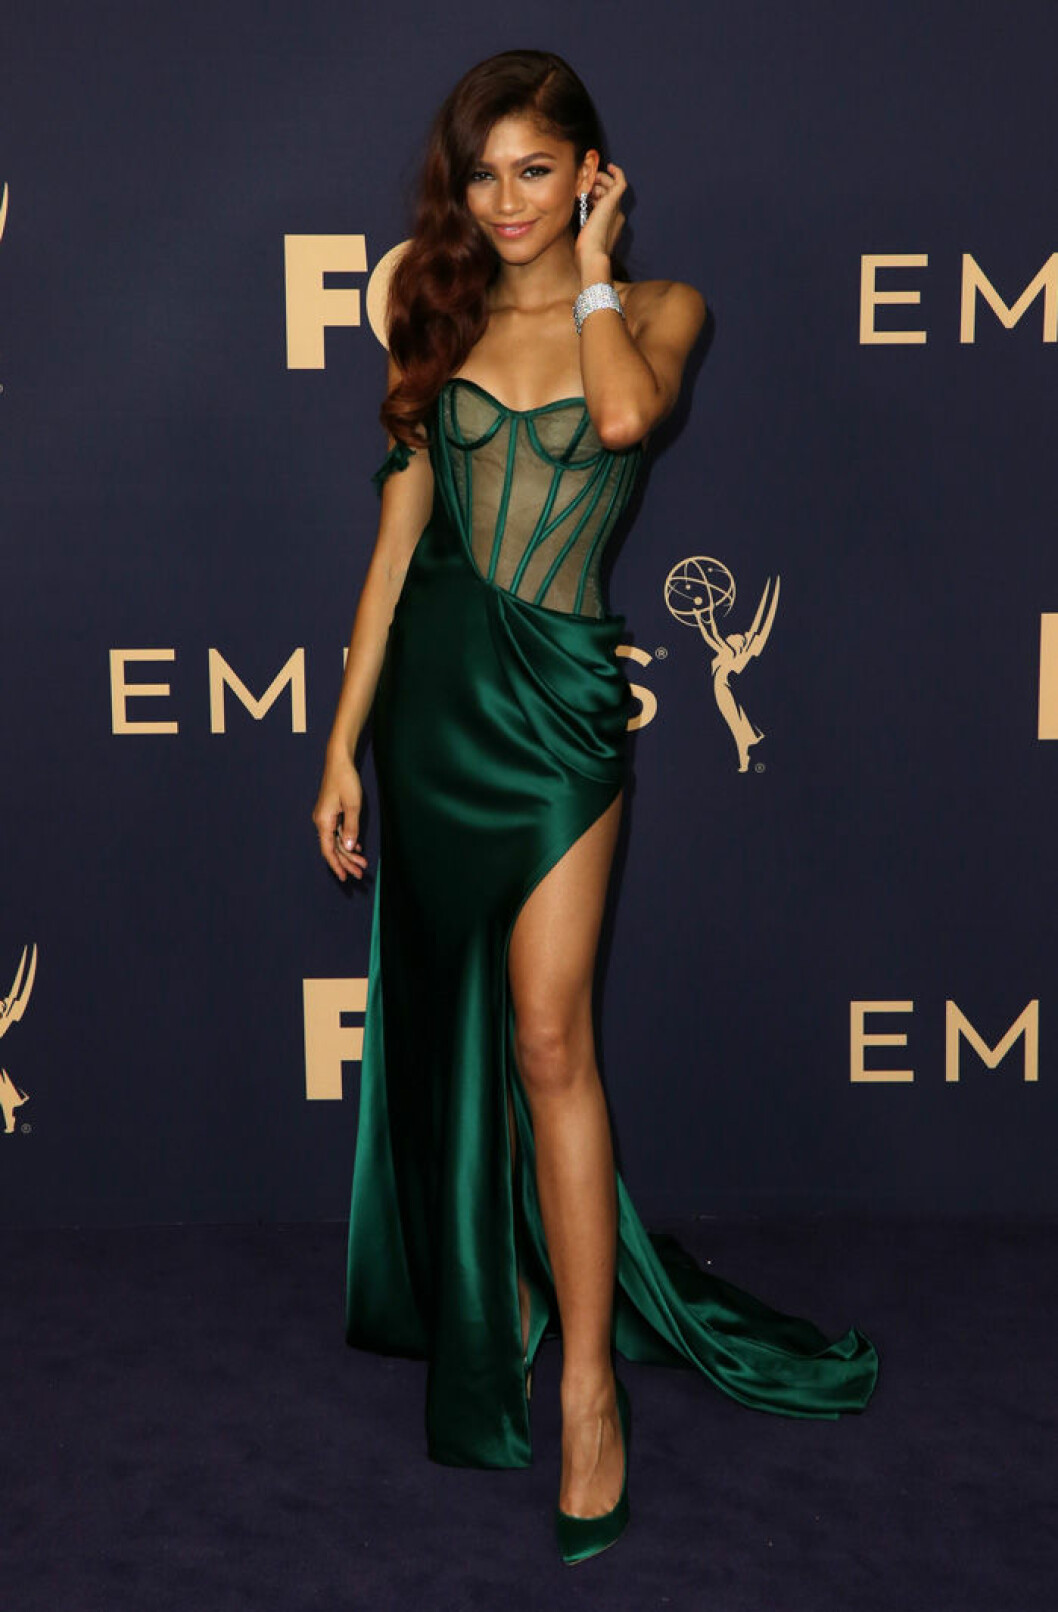 En bild på skådespelerskan Zendaya på Emmy Awards 2019.